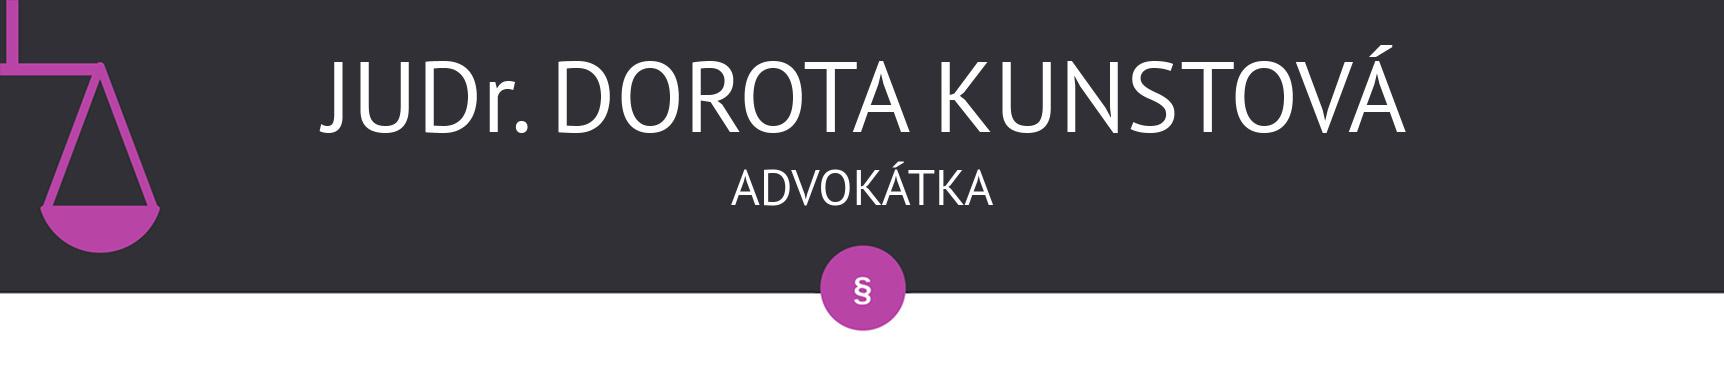 JUDr. Dorota Kunstová, advokátka